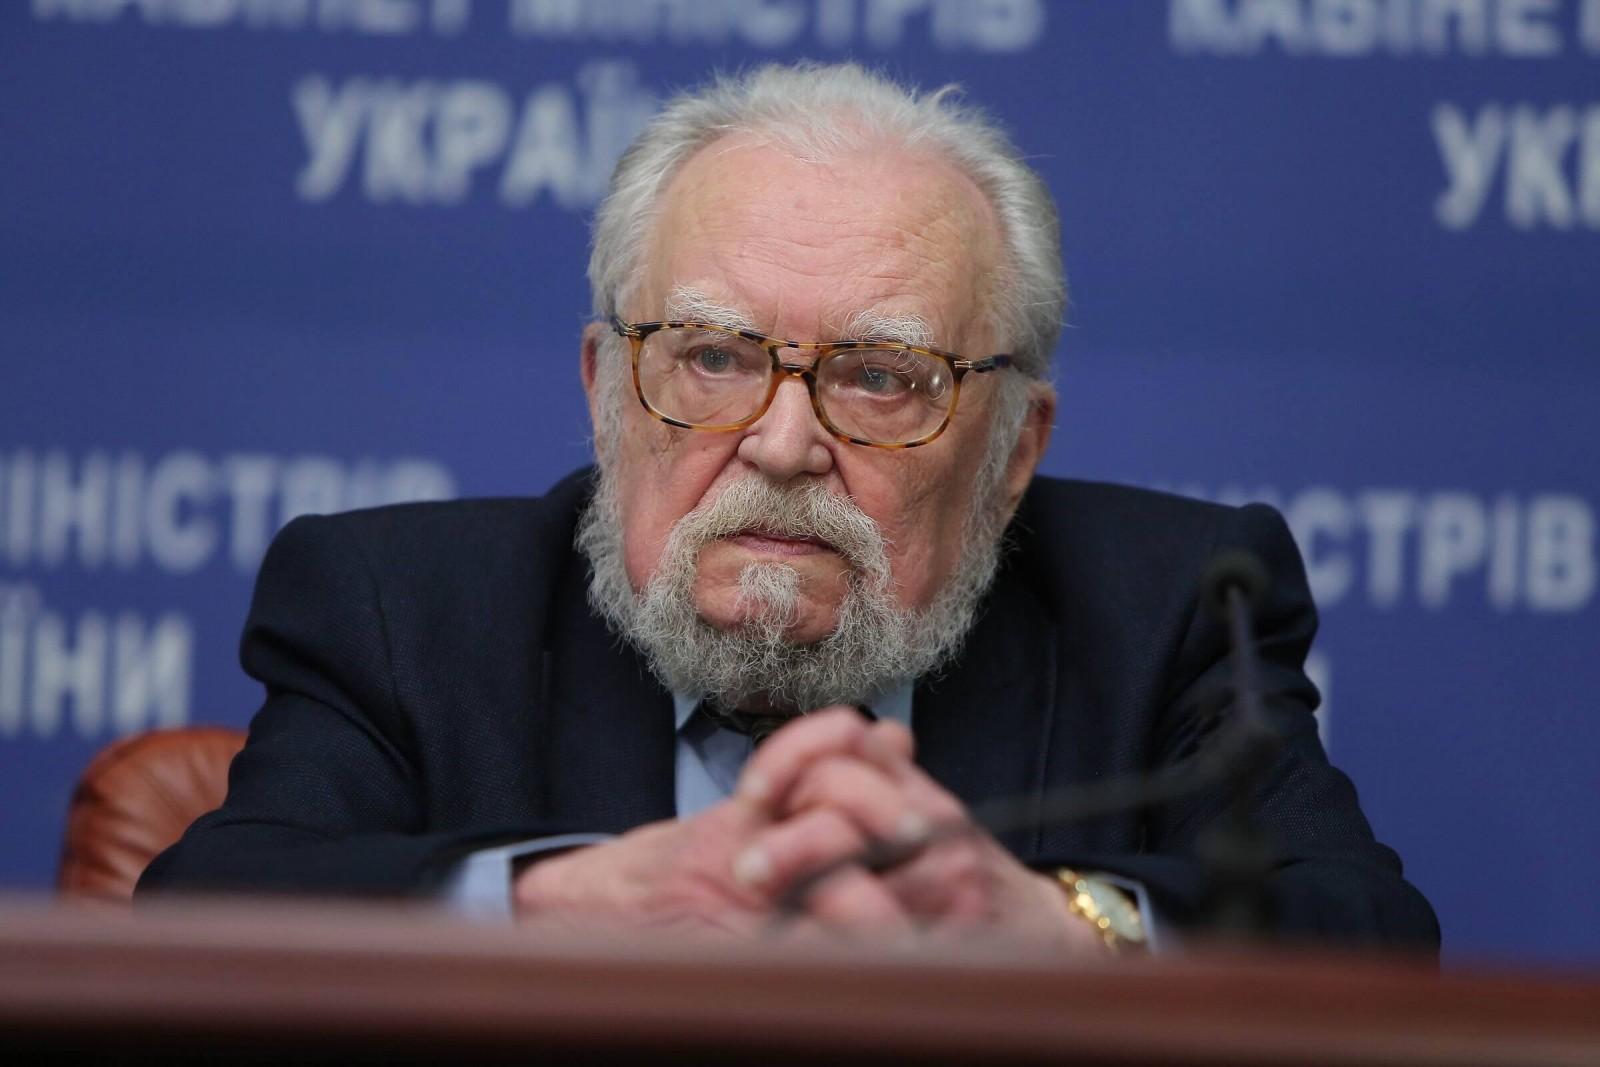 Мирослав Попович: Сегодняшний конфликт нельзя превращать в конфликт между государствами